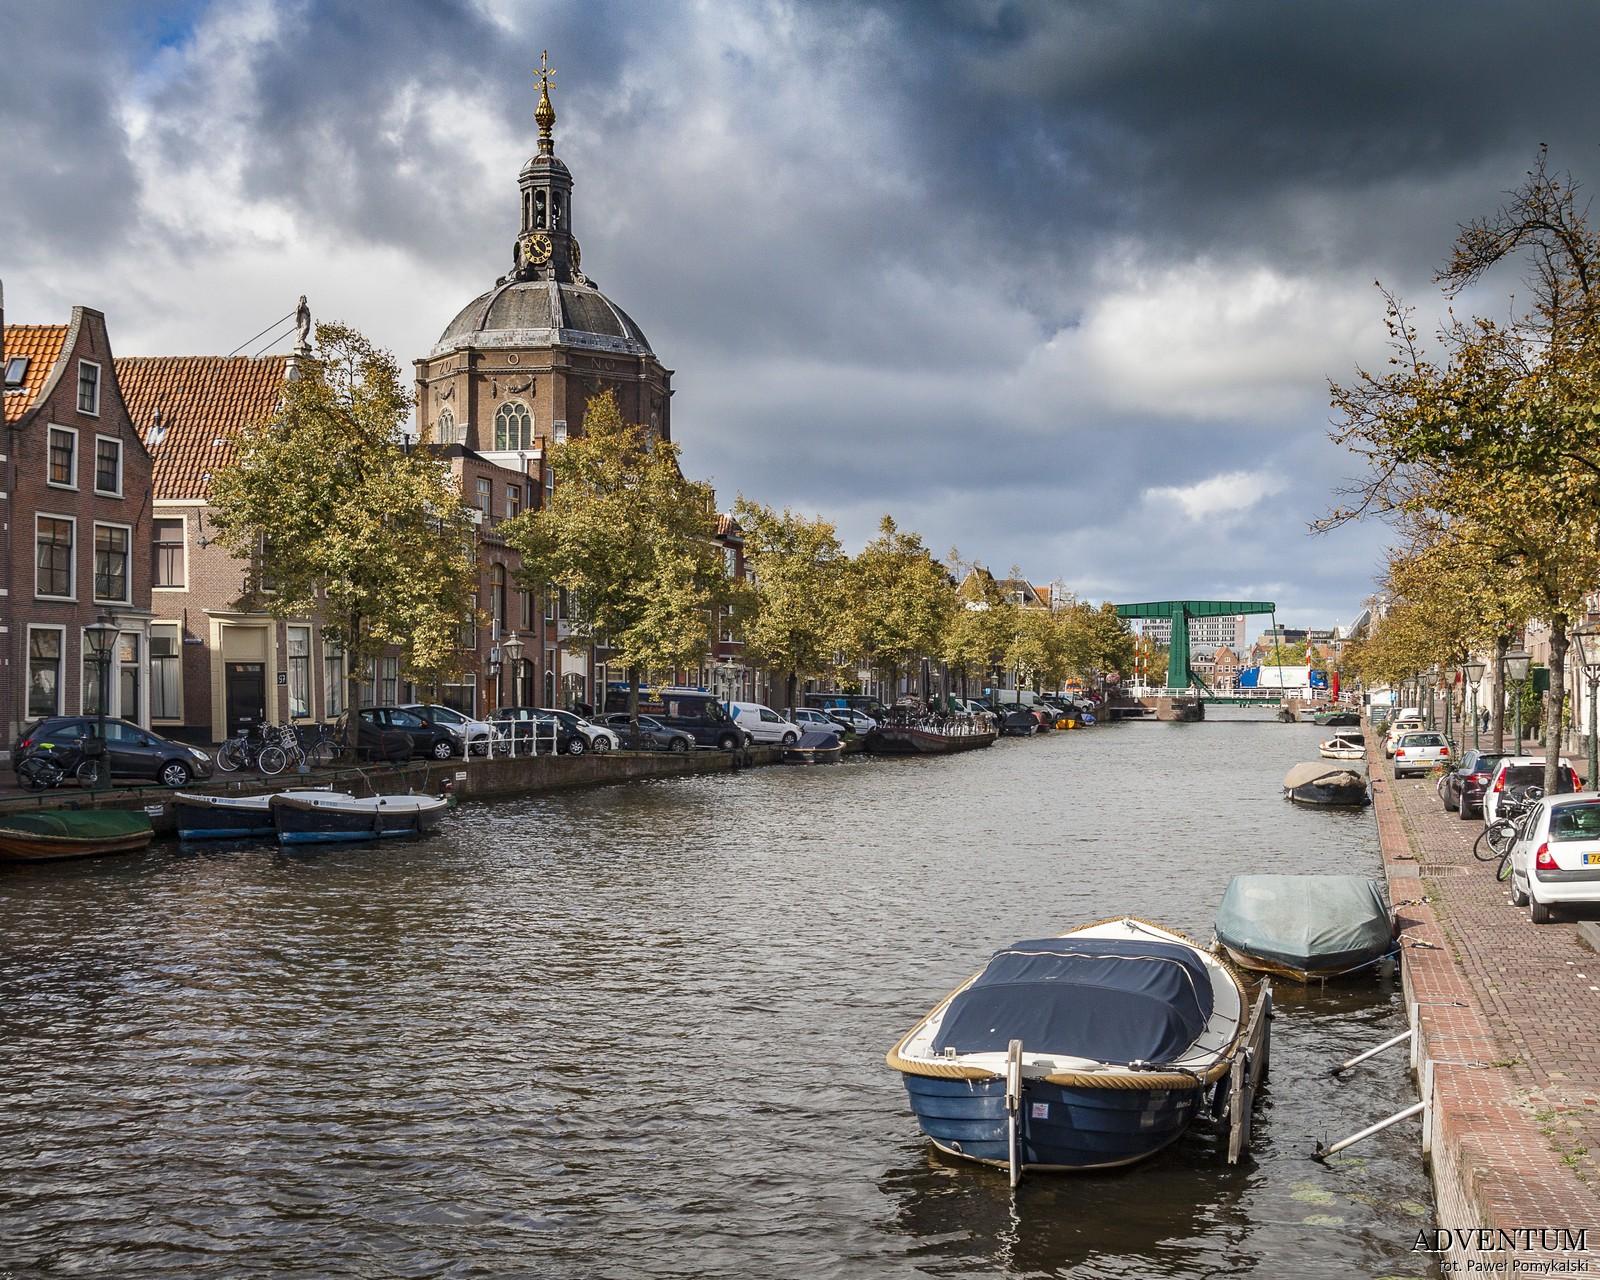 Holandia Lejda Atrakcje Zwiedzanie co Zobaczyć Amsterdam Rotterdam Haga Kanały Wiatraki